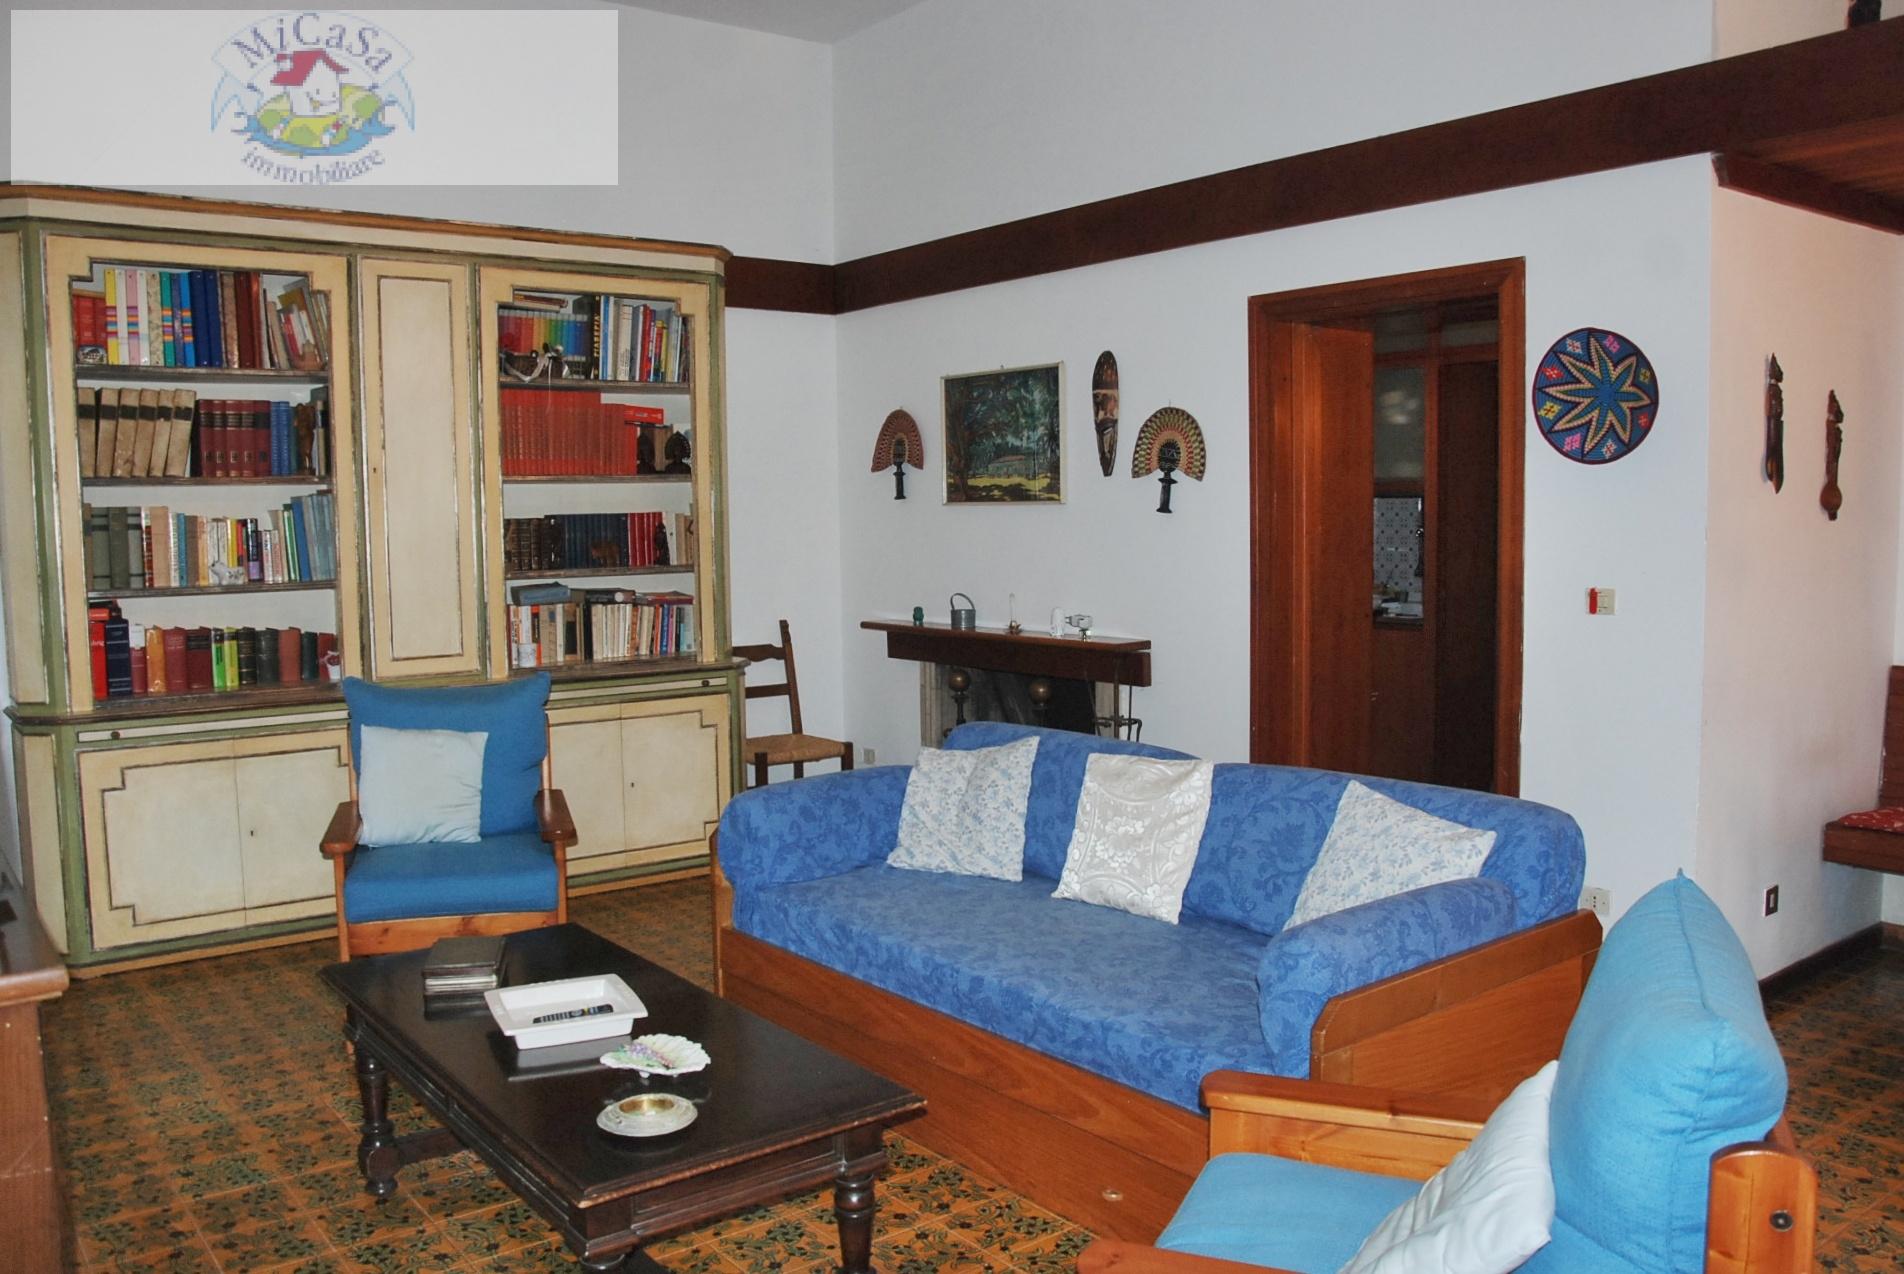 Villa in affitto a Pisa, 6 locali, Trattative riservate | CambioCasa.it